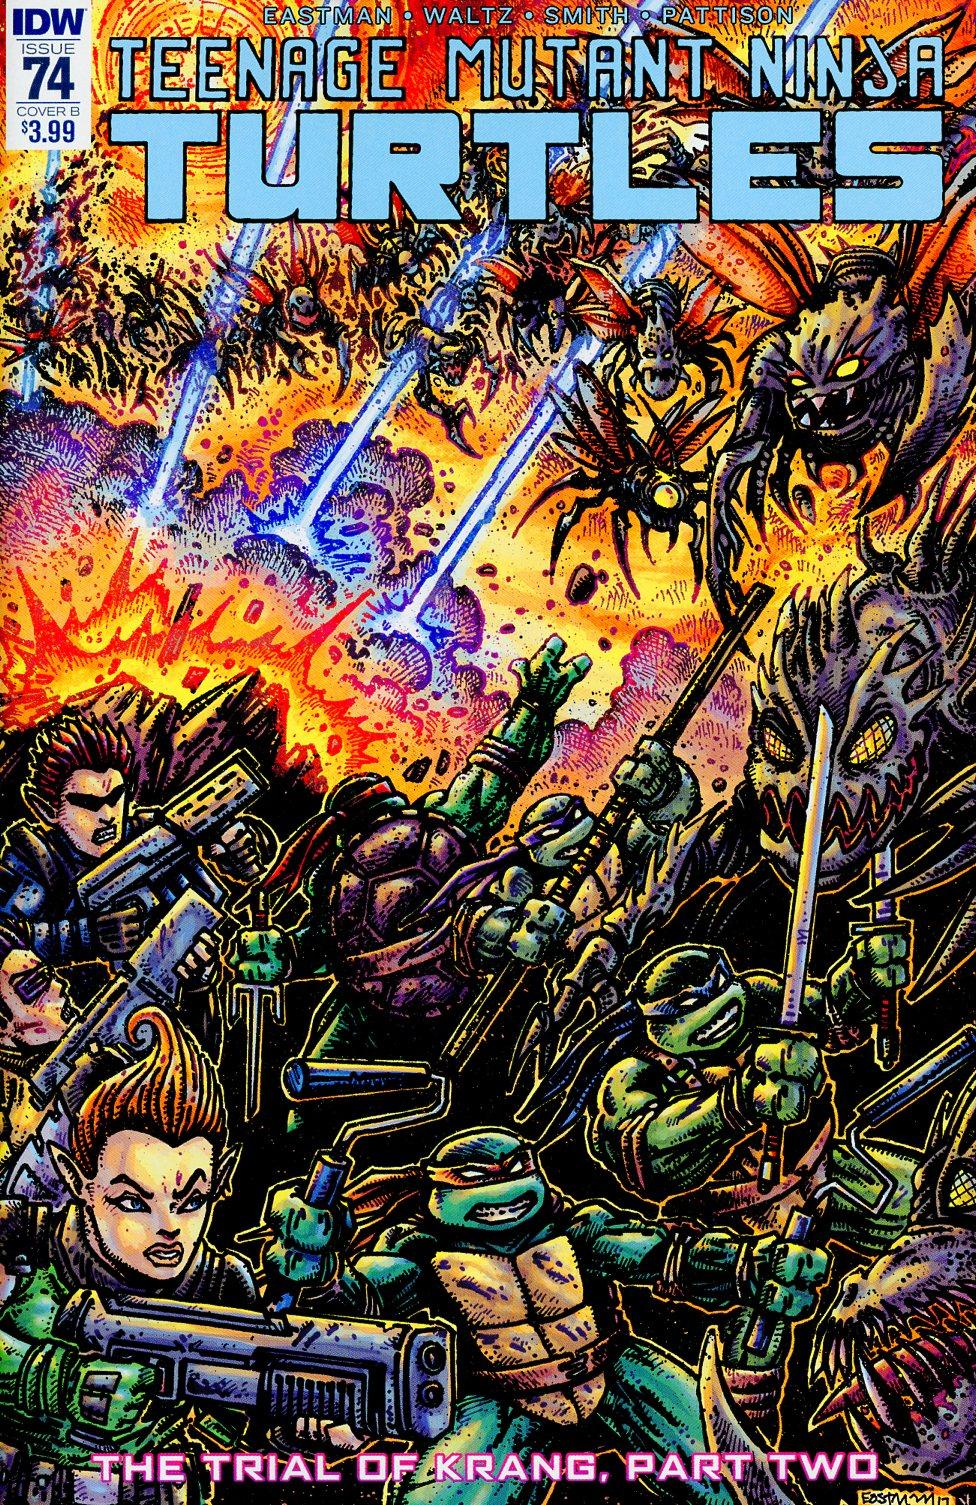 Teenage Mutant Ninja Turtles Vol 5 #74 Cover B Variant Kevin Eastman Cover